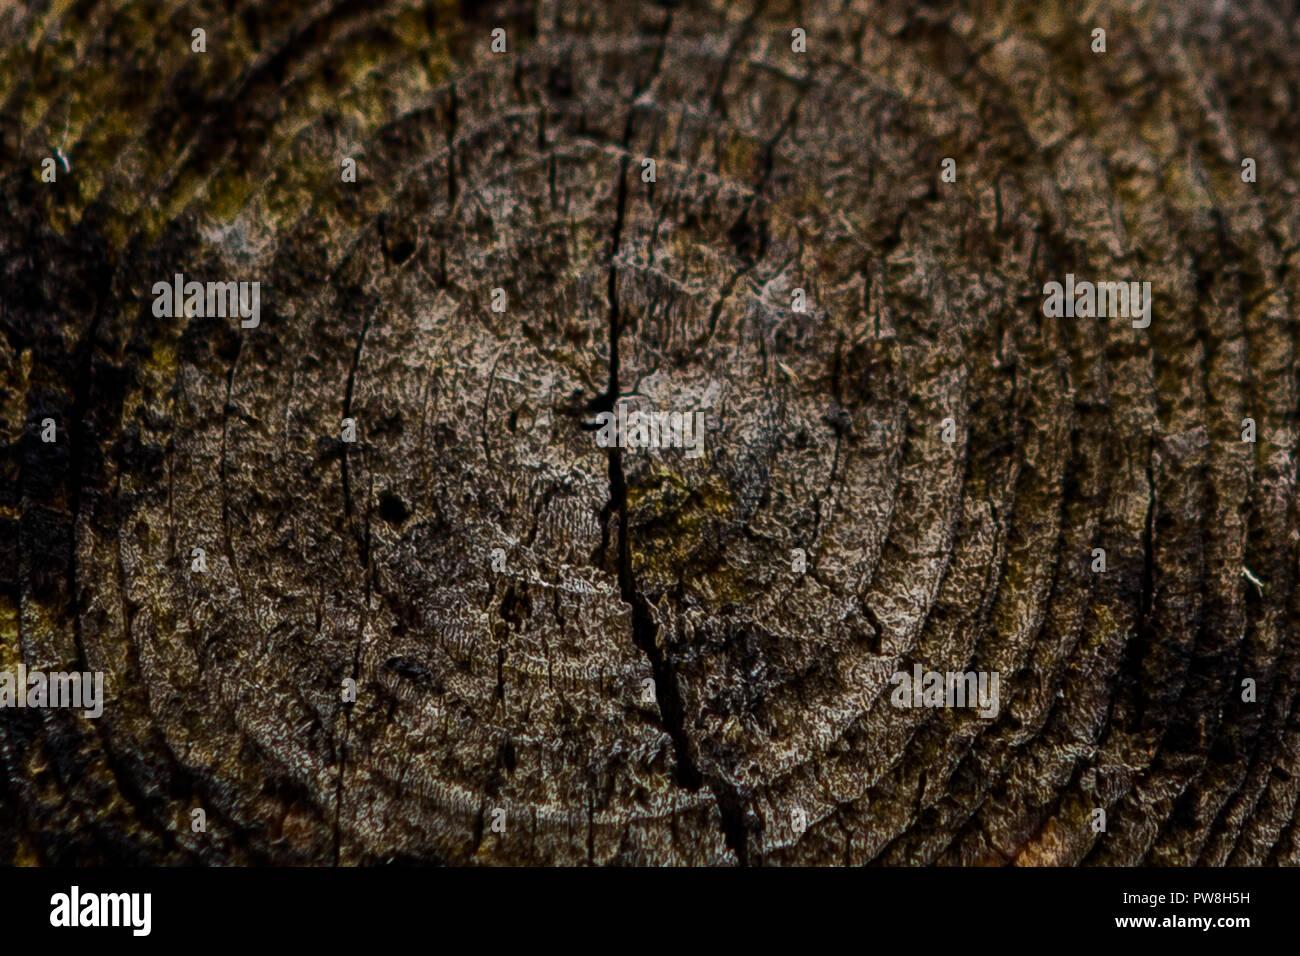 Los anillos anuales de madera pintada de marrón Foto de stock